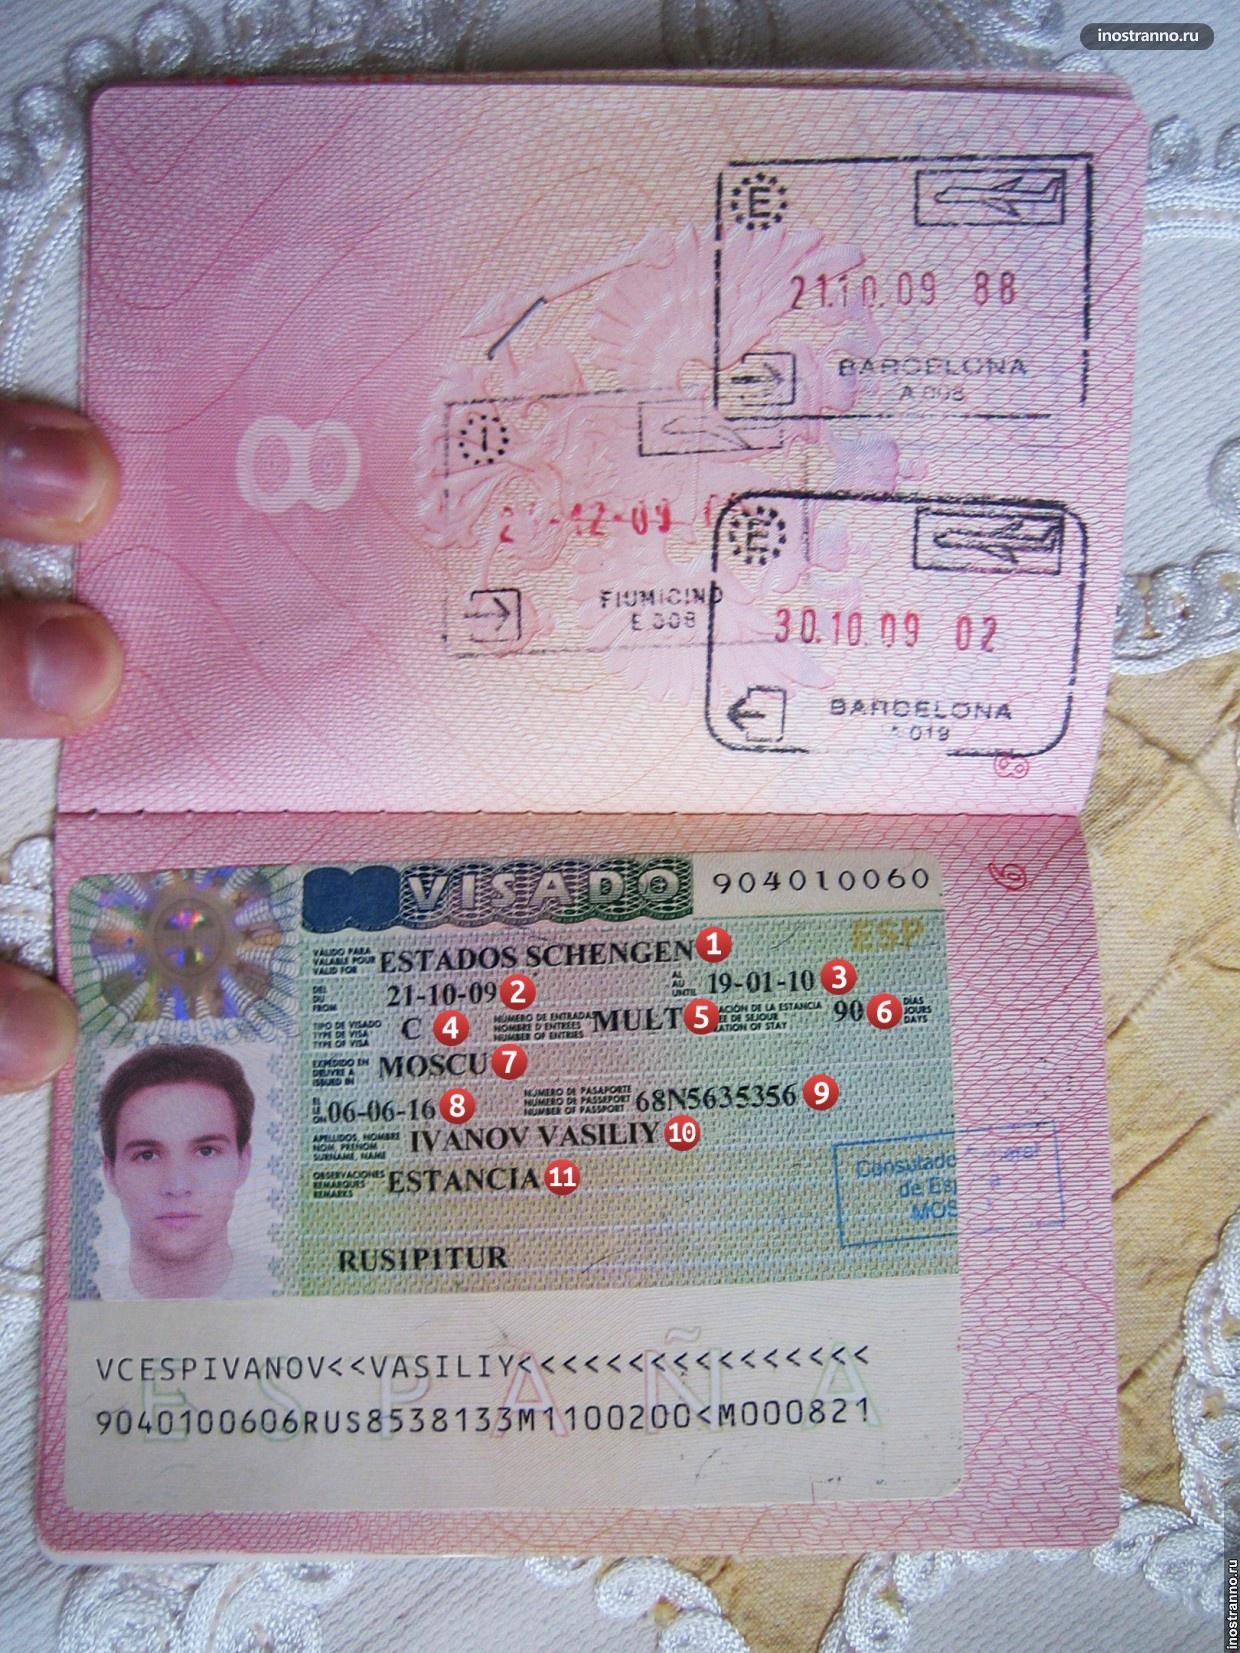 Как сделать шенгенскую визу в минске 767